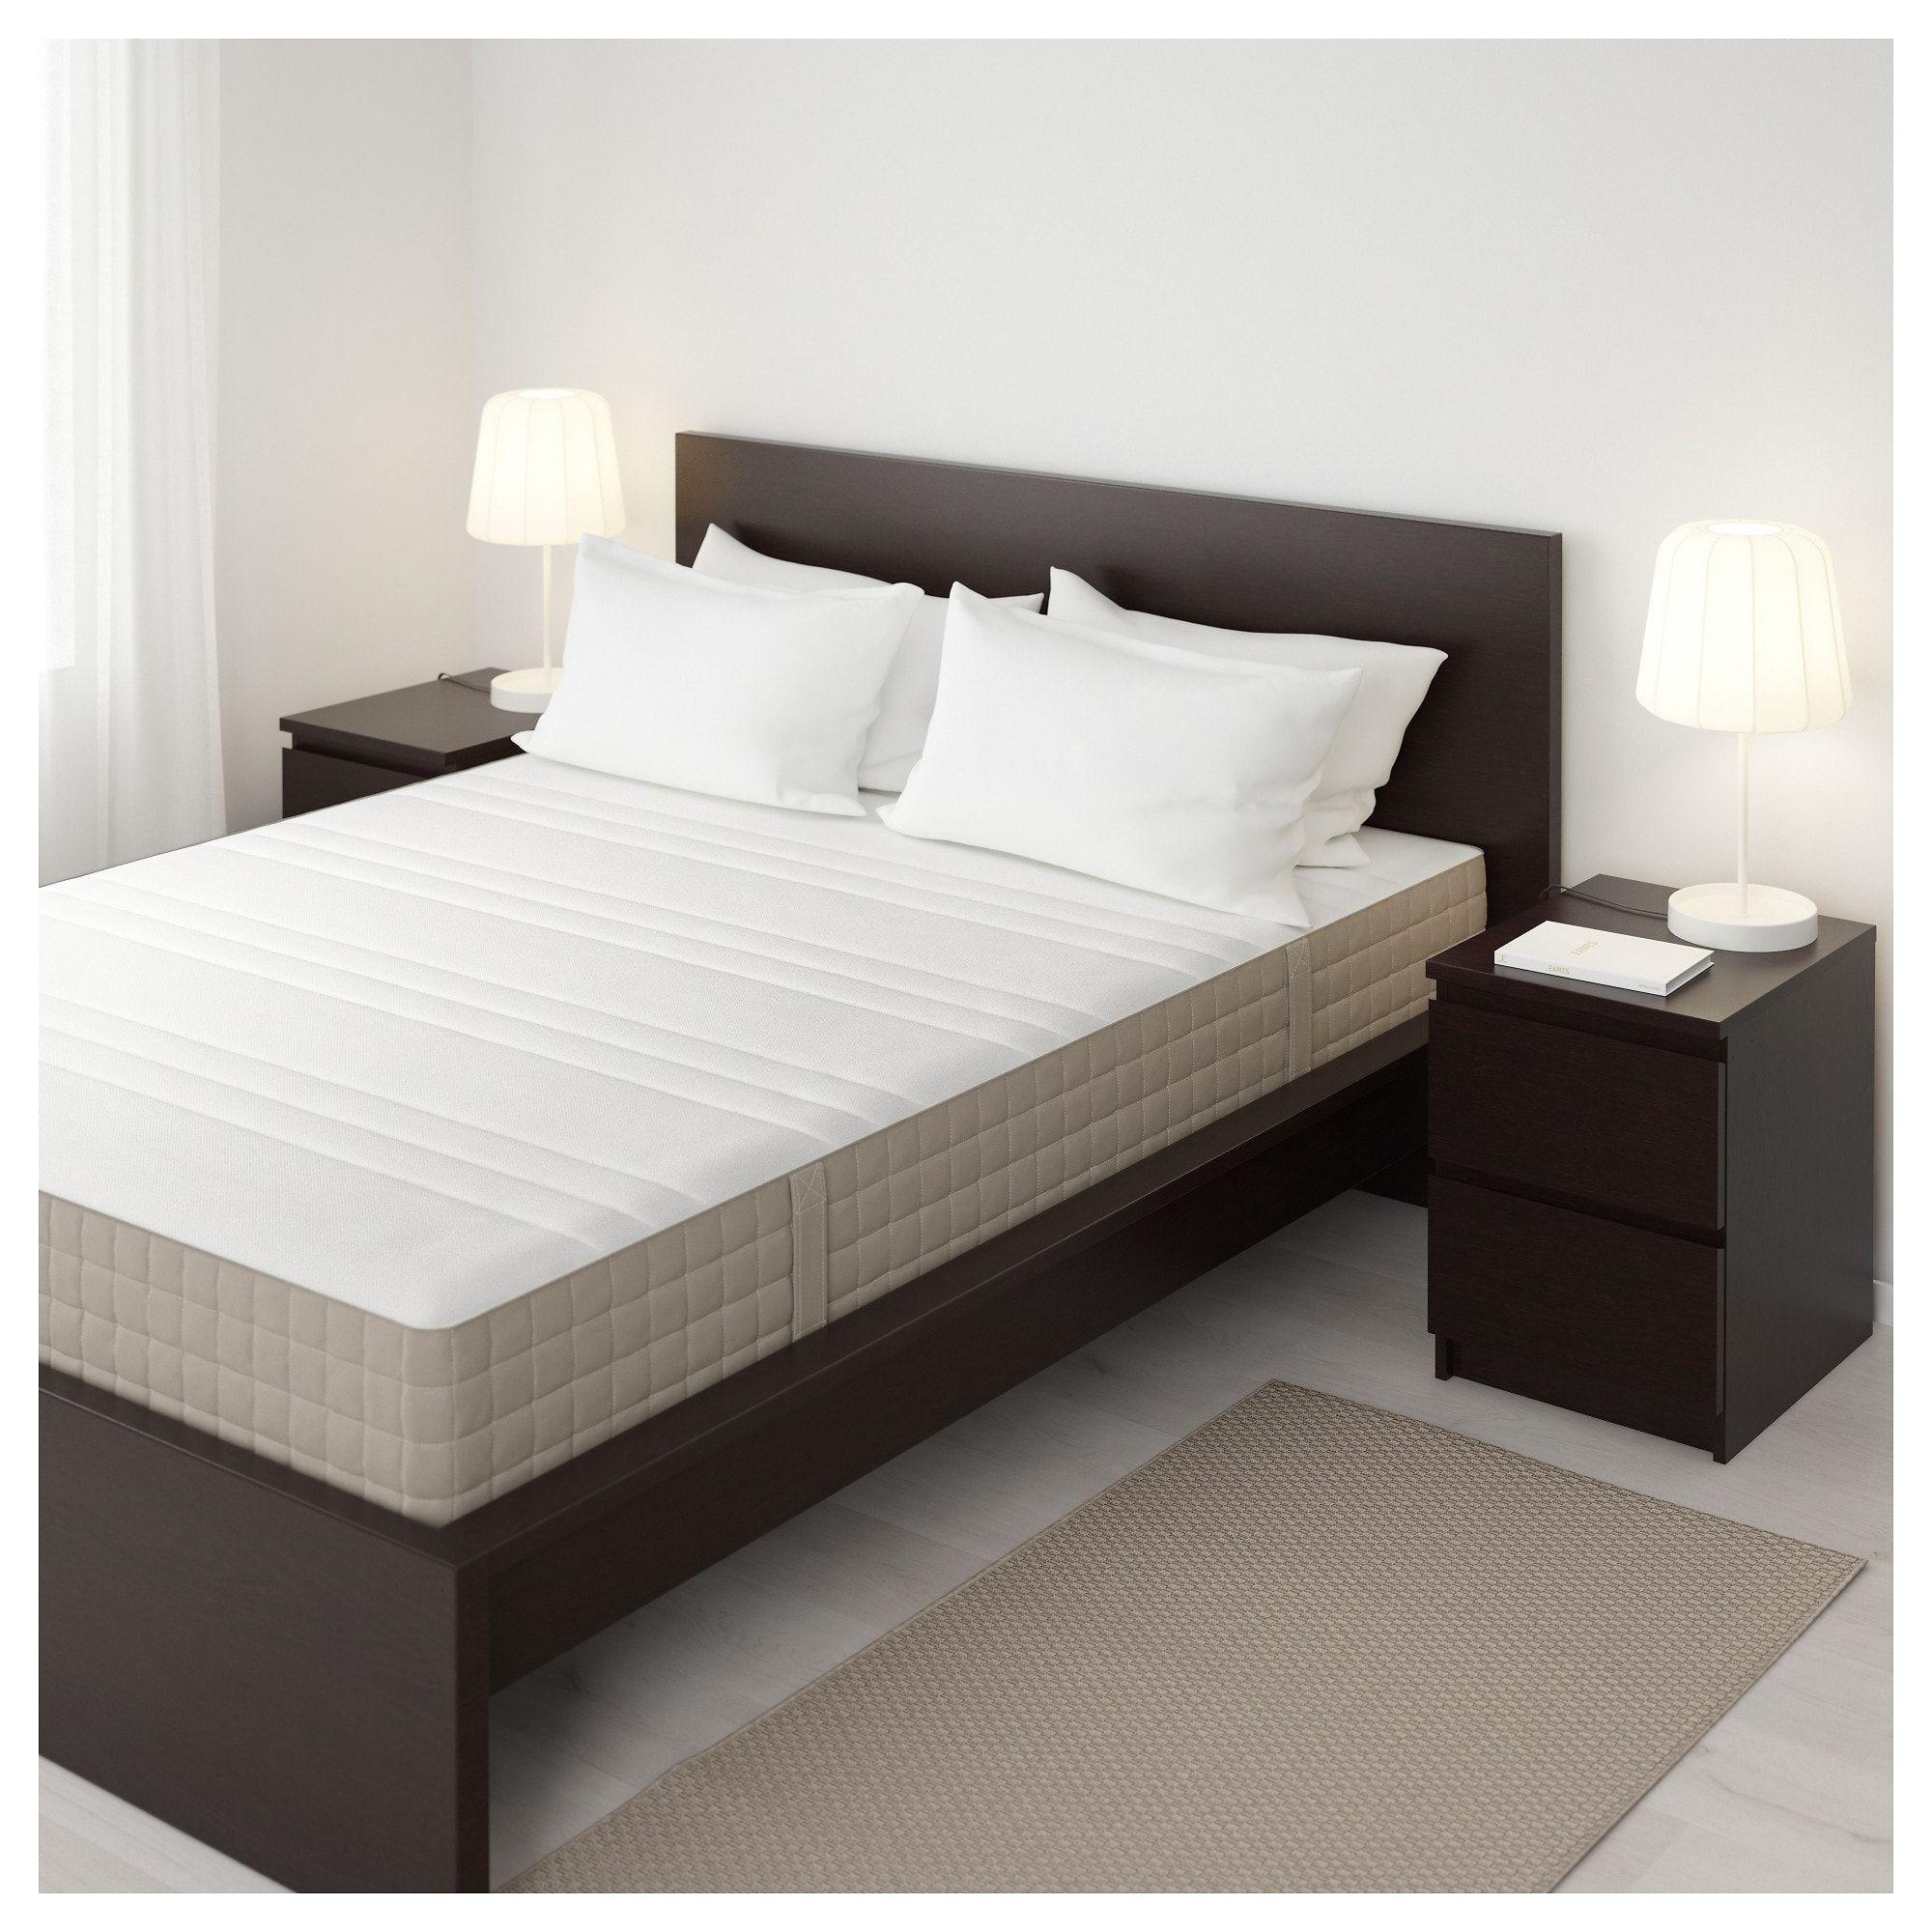 HAUGESUND Spring mattress firm, dark beige King Ikea